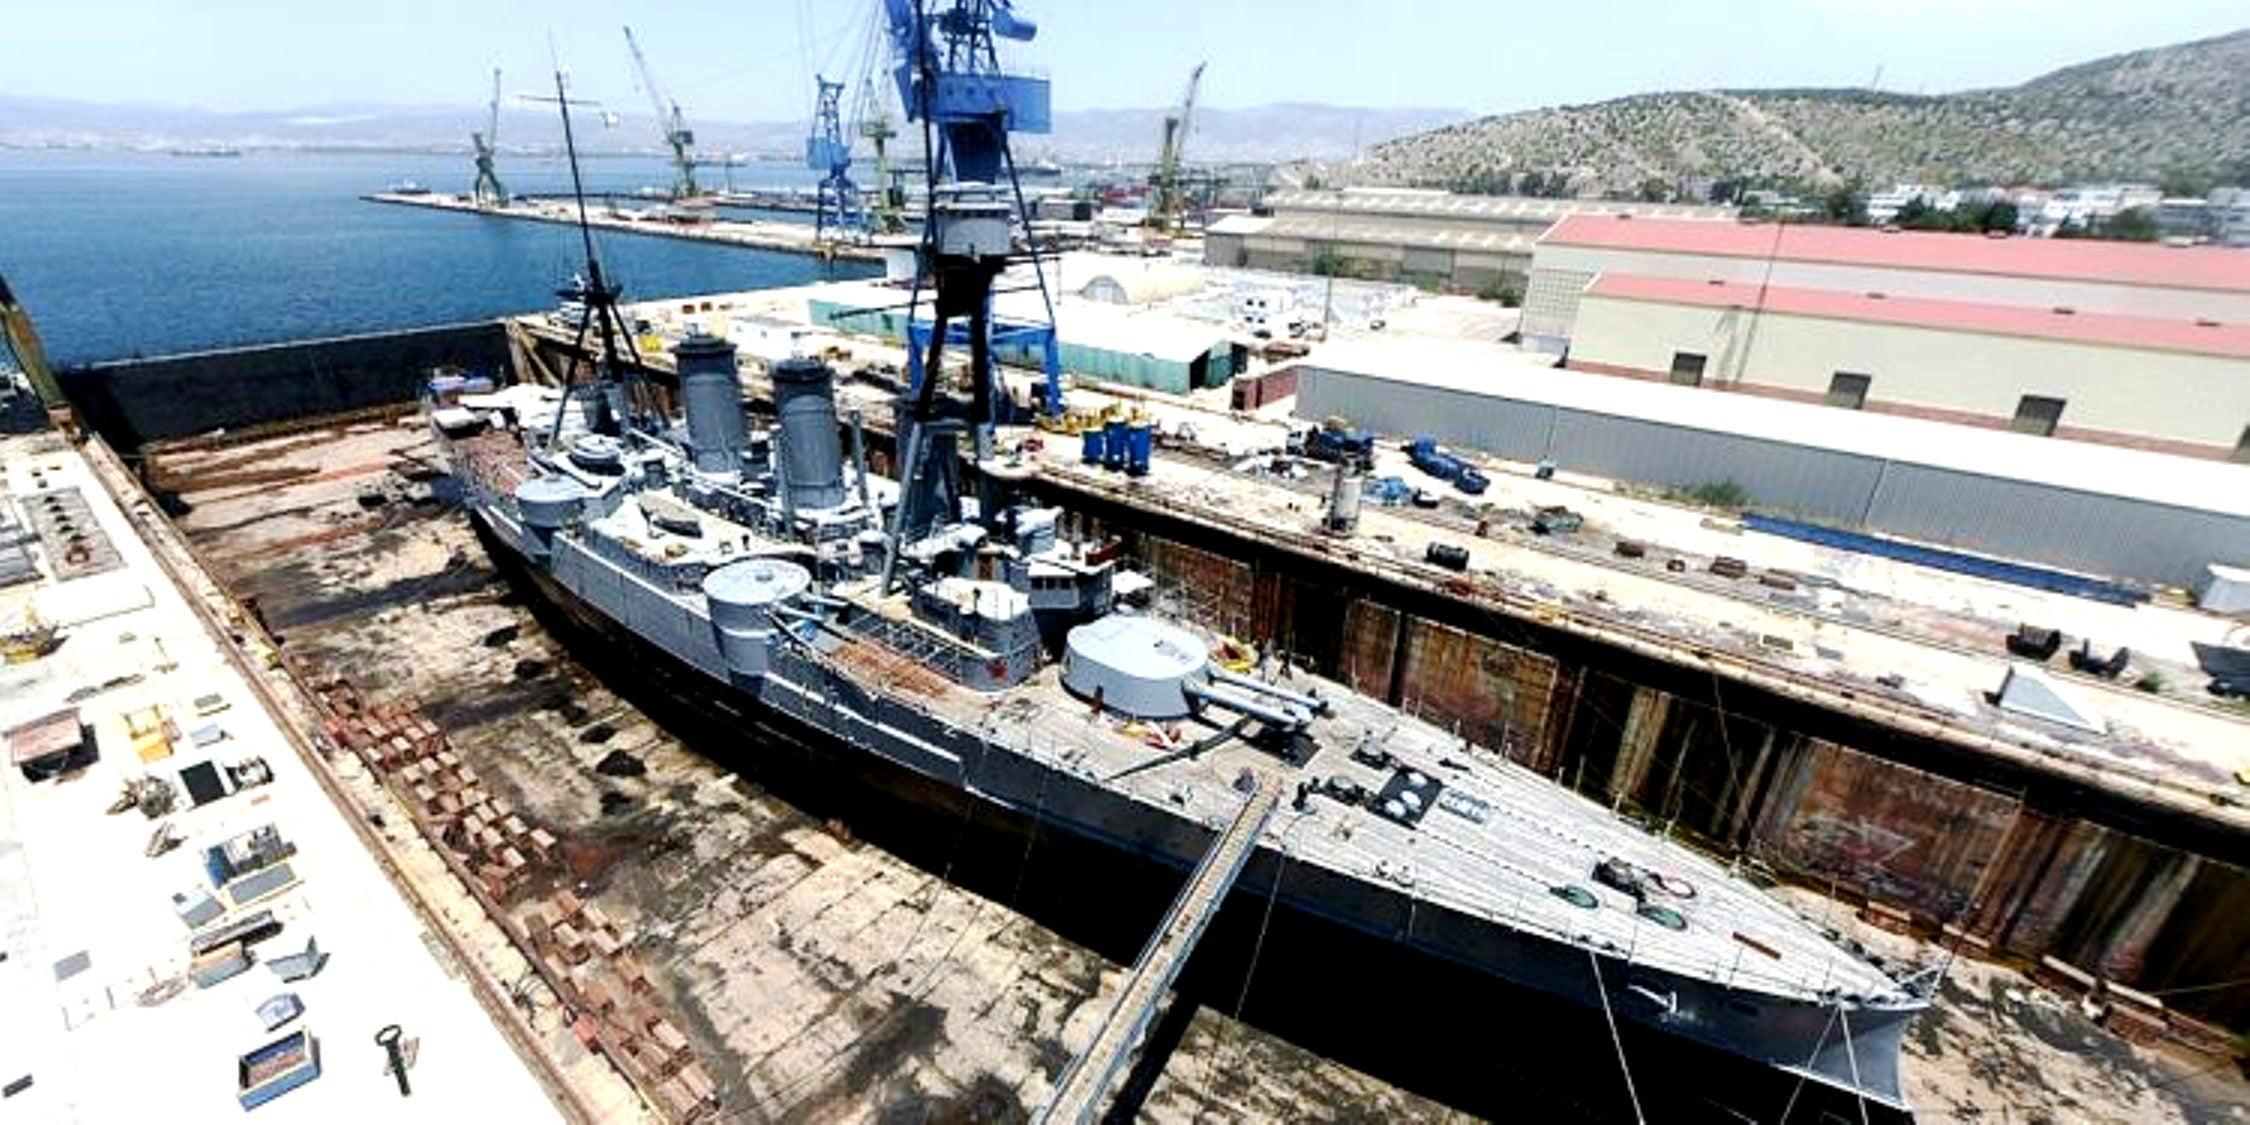 Ναυπηγεία Σκαραμαγκά: Πωλούνται με «προίκα» εξοπλιστικά προγράμματα του Πολεμικού Ναυτικού